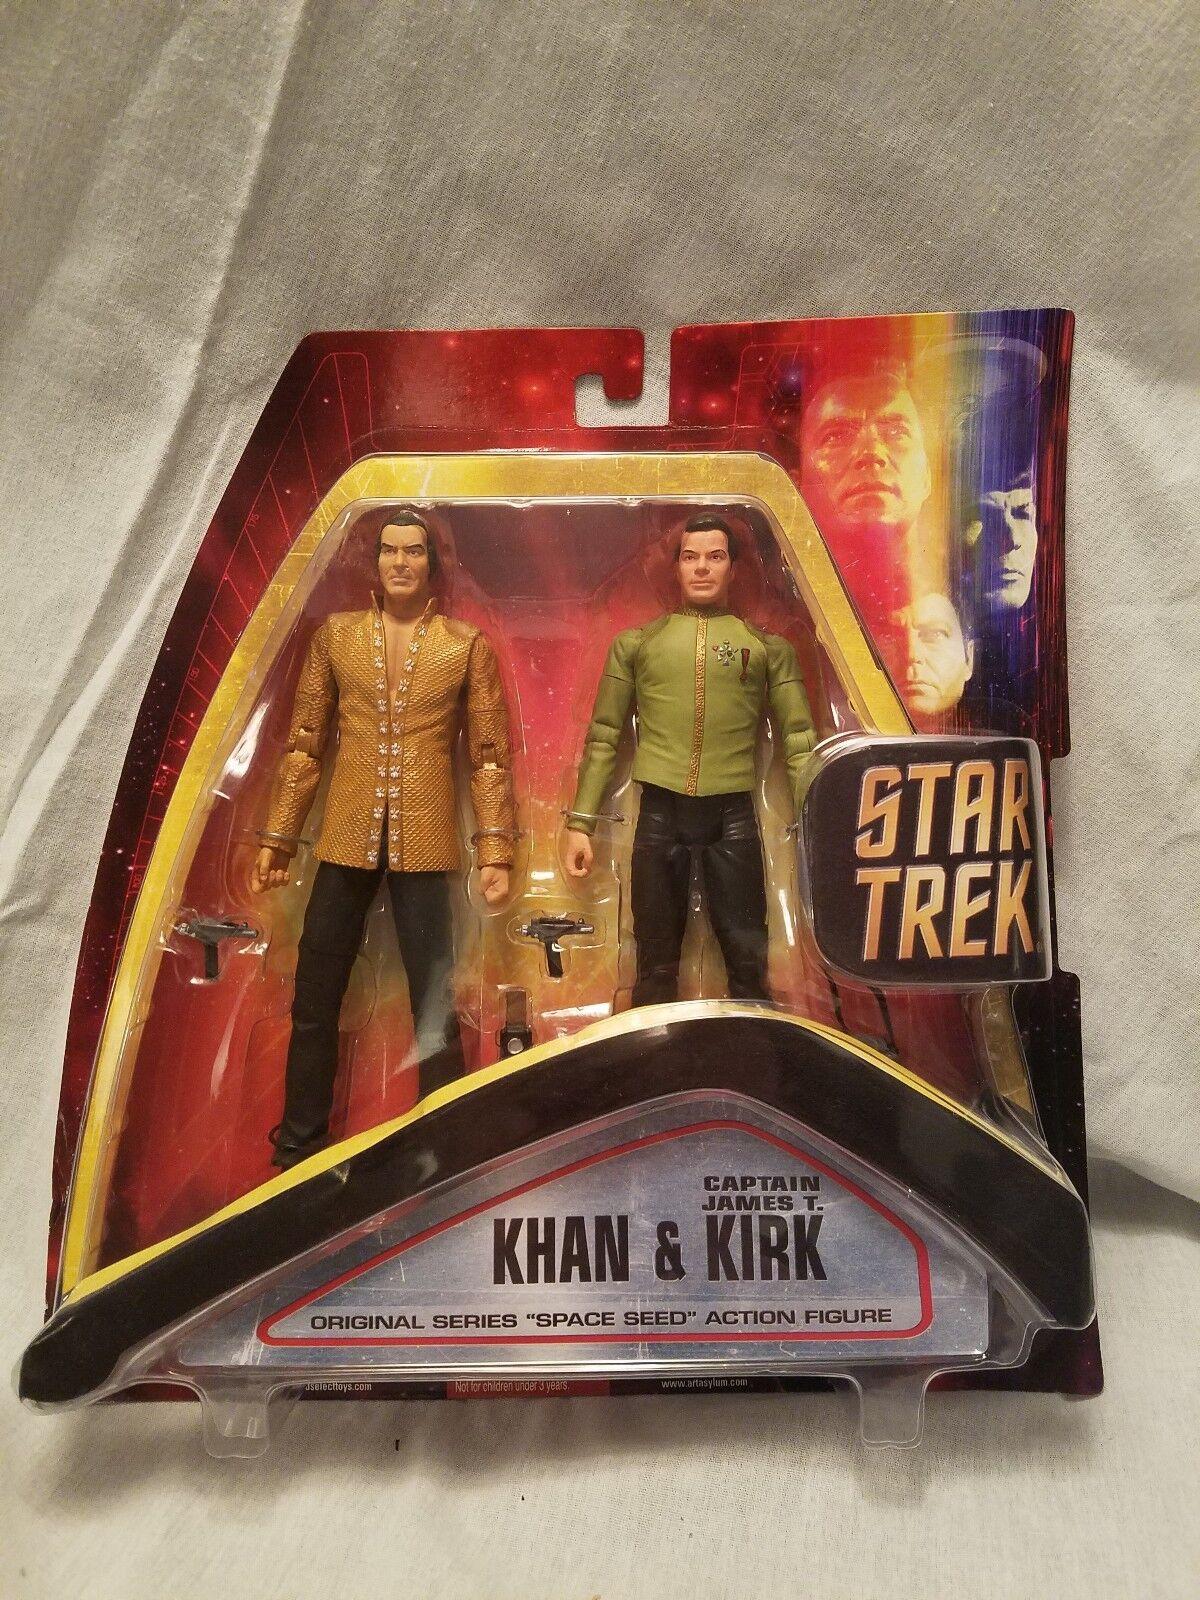 Stern Trek TOS Kirk Khan Space Seed 2 Verpackung Wirkung Figure Art Asylum NIP A1